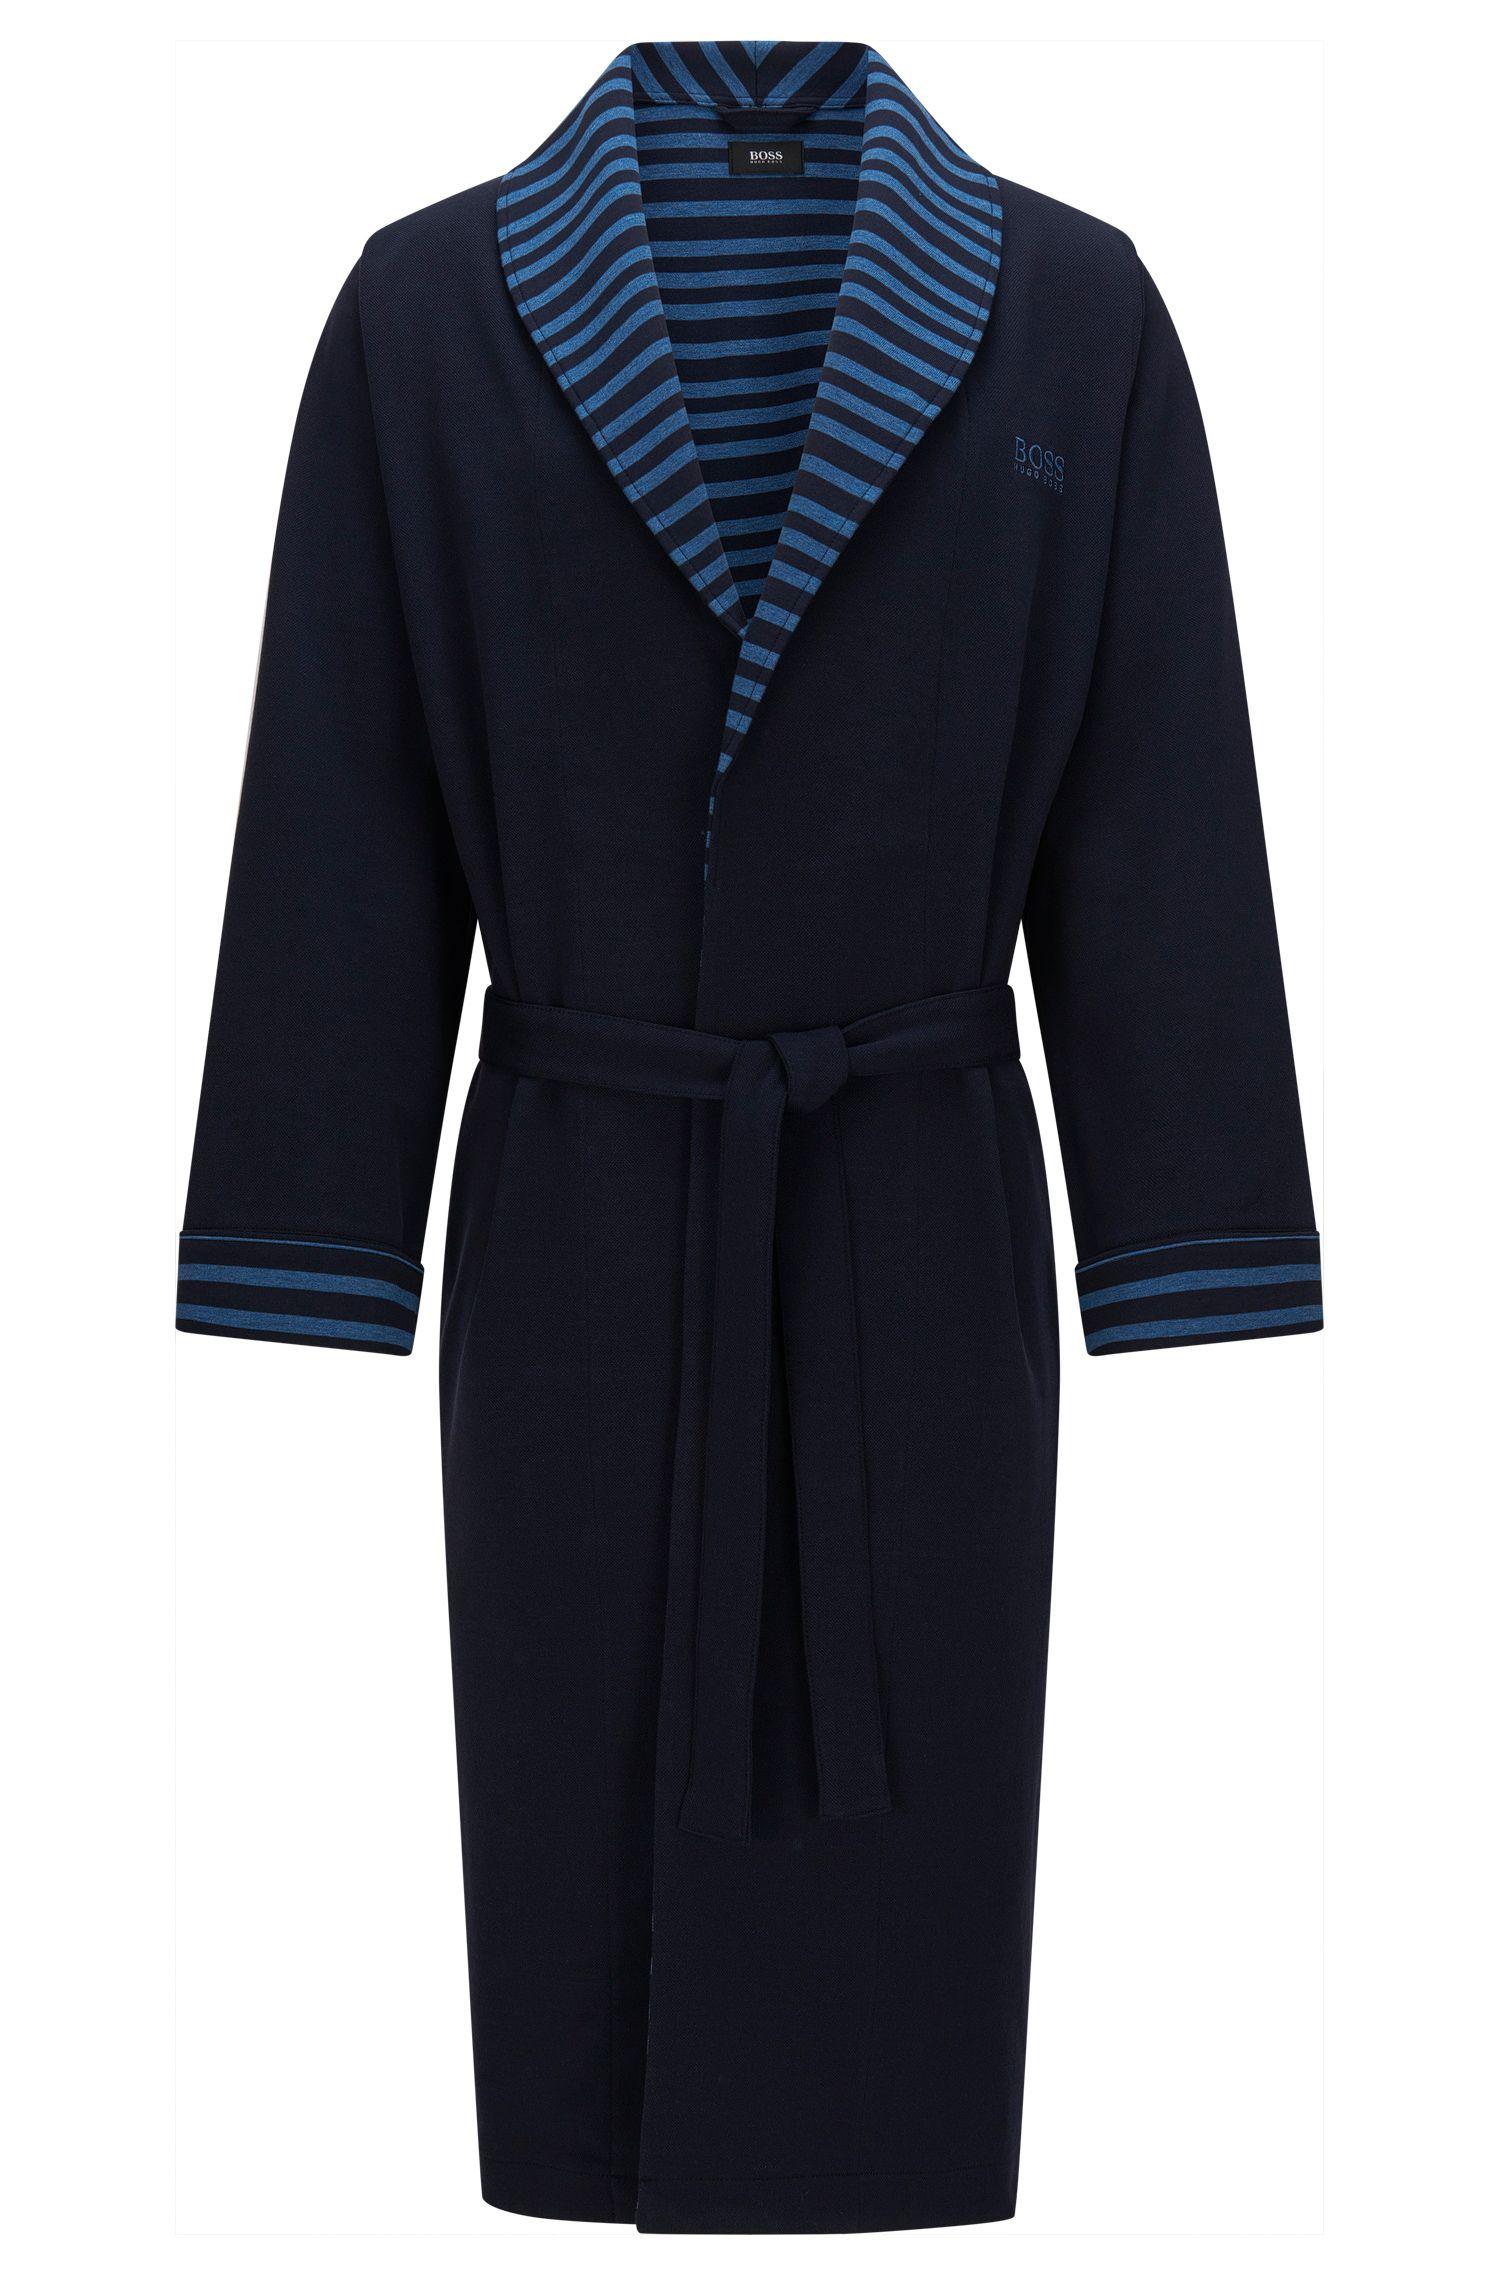 Morgenmantel aus Stretch-Baumwolle mit Streifen-Details: 'Shawl Collar Robe'